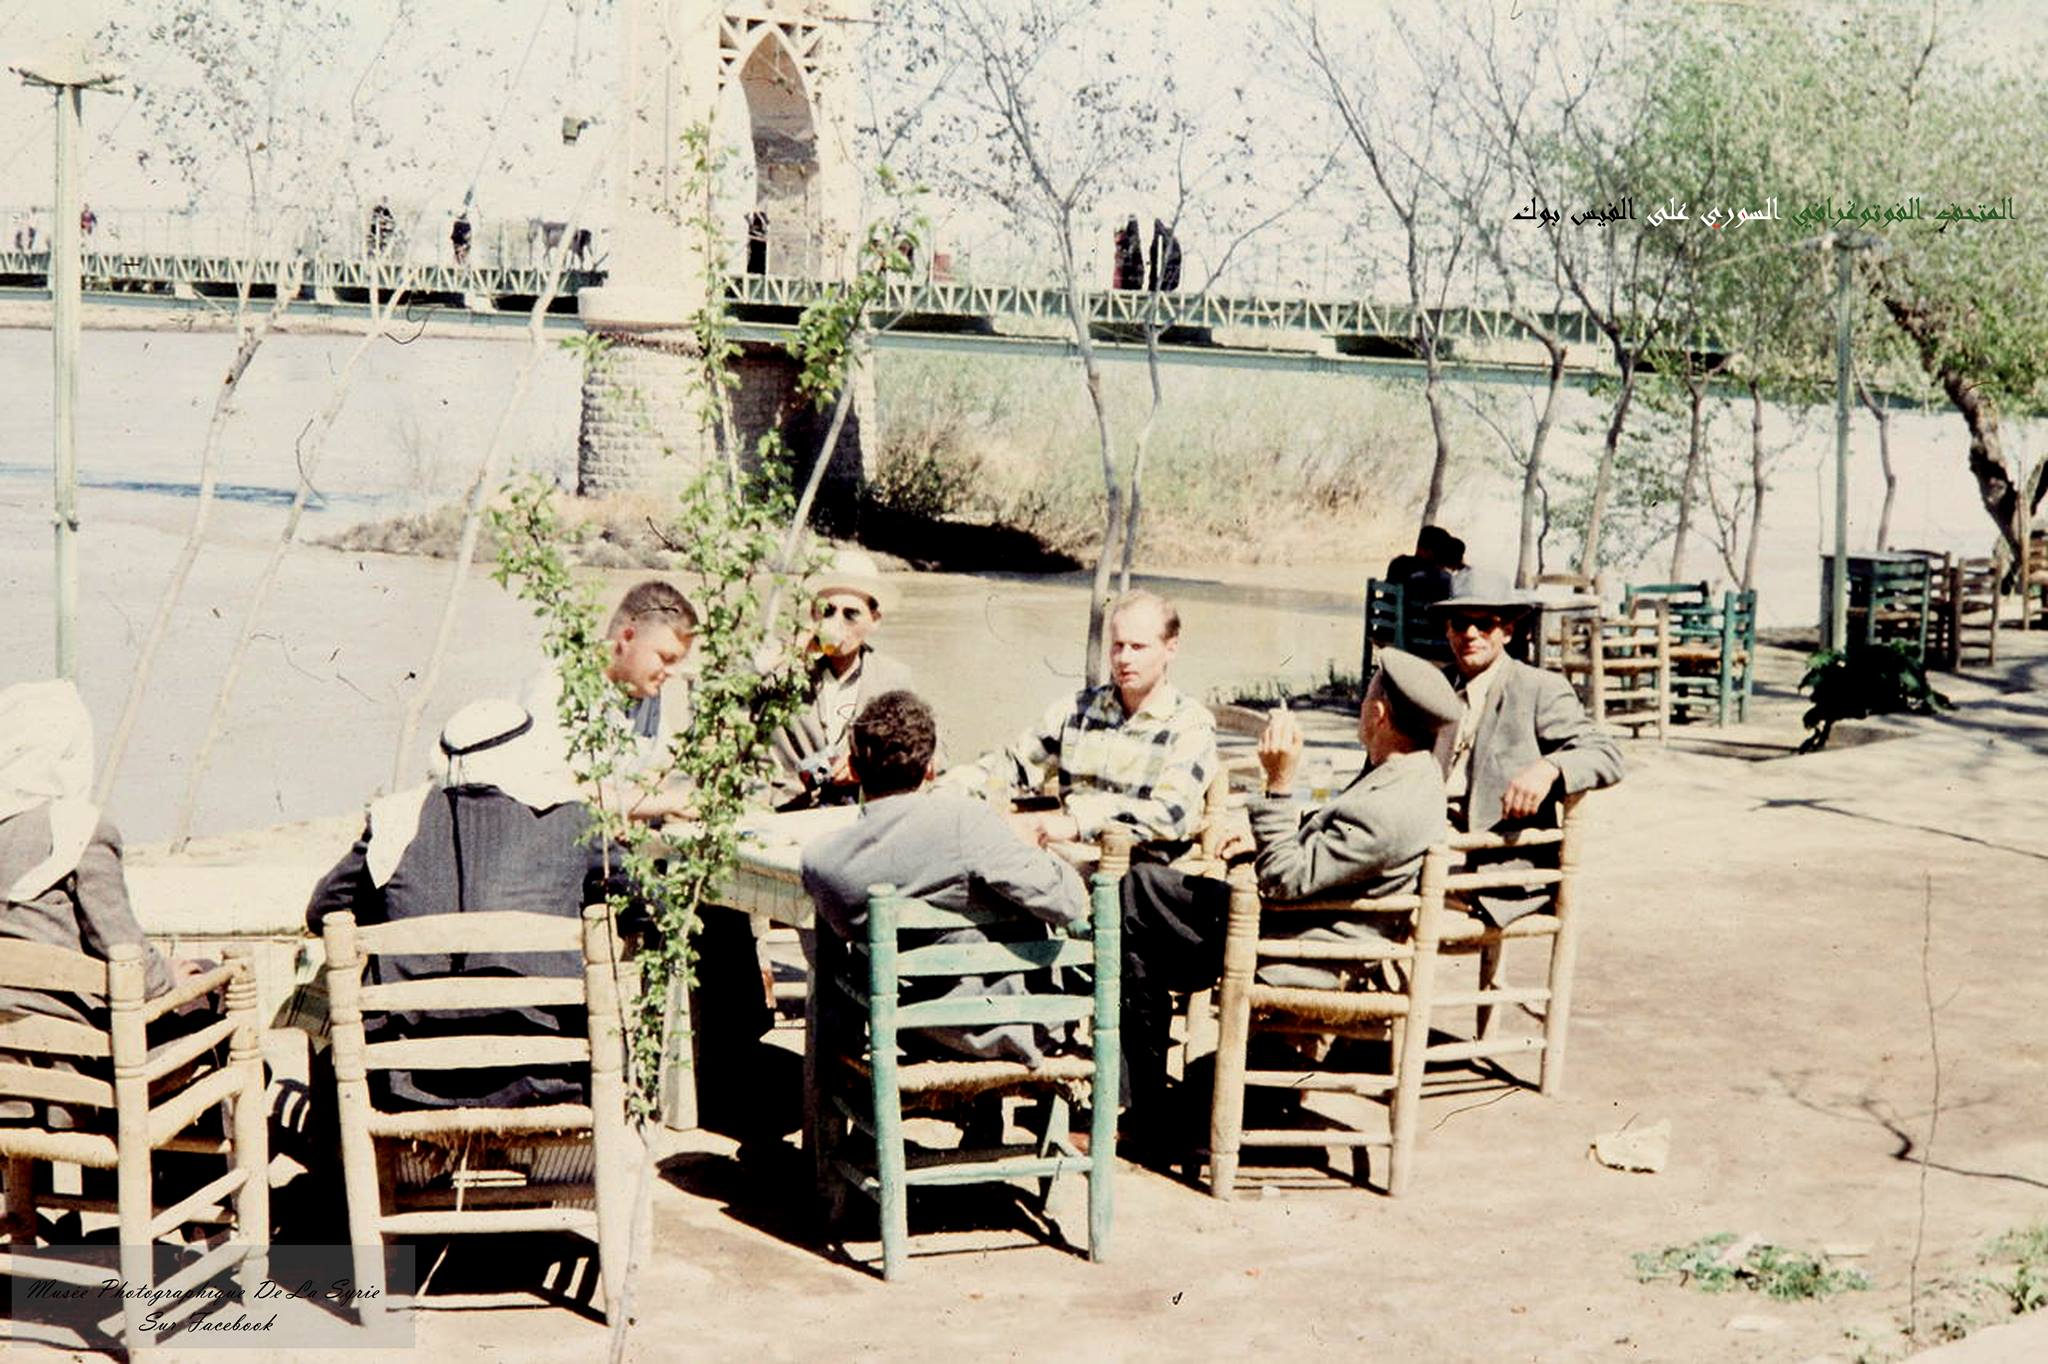 دير الزور 1959 - قهوة على الفرات جانب الجسر المعلق